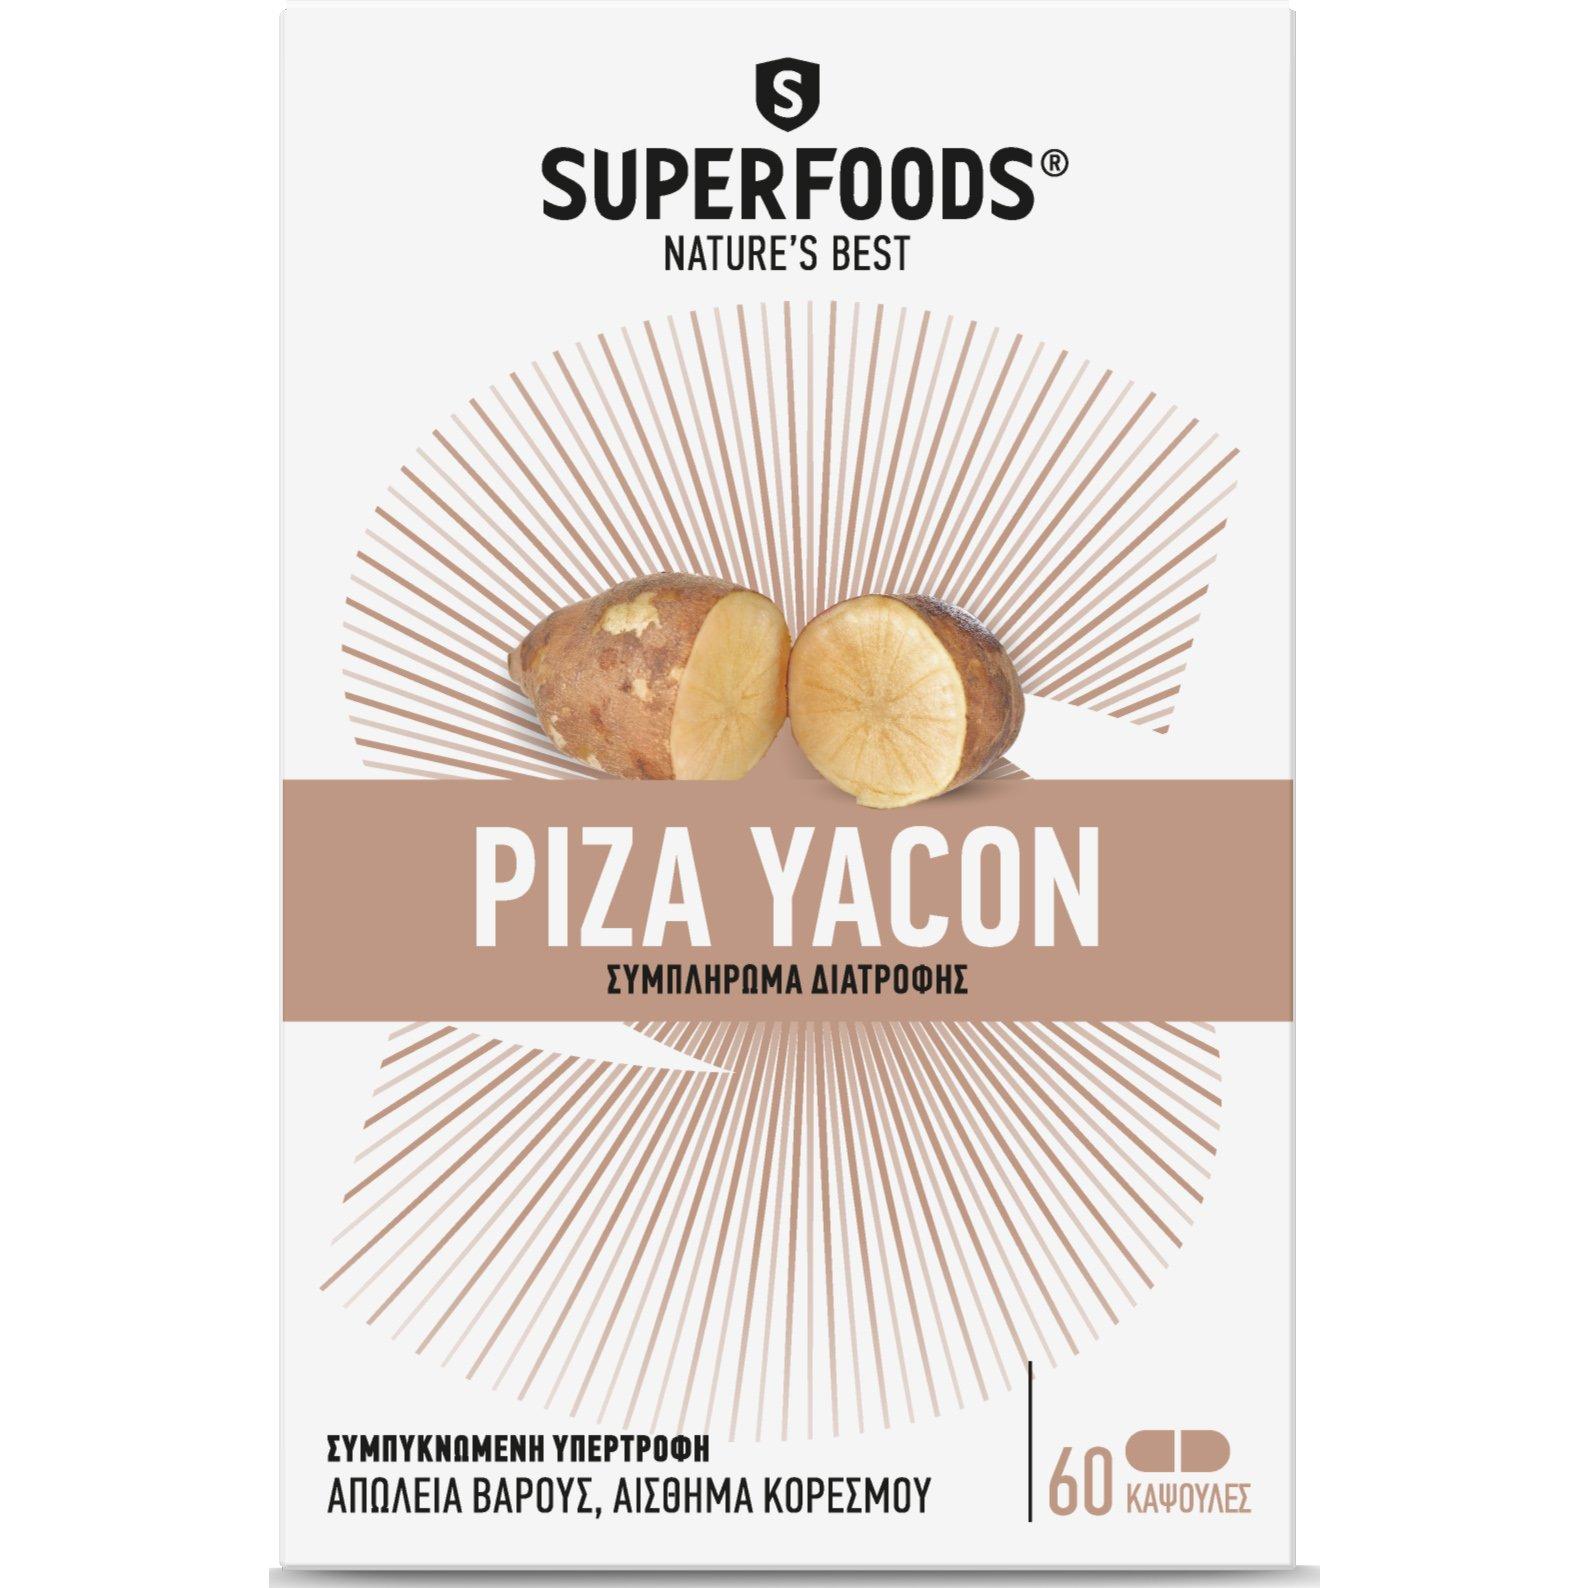 Superfoods Ρίζα Yacon 60 Κάψουλες καλοκαίρι   διατροφή και αδυνάτισμα   λιποτροπικά συμπληρώματα διατροφής